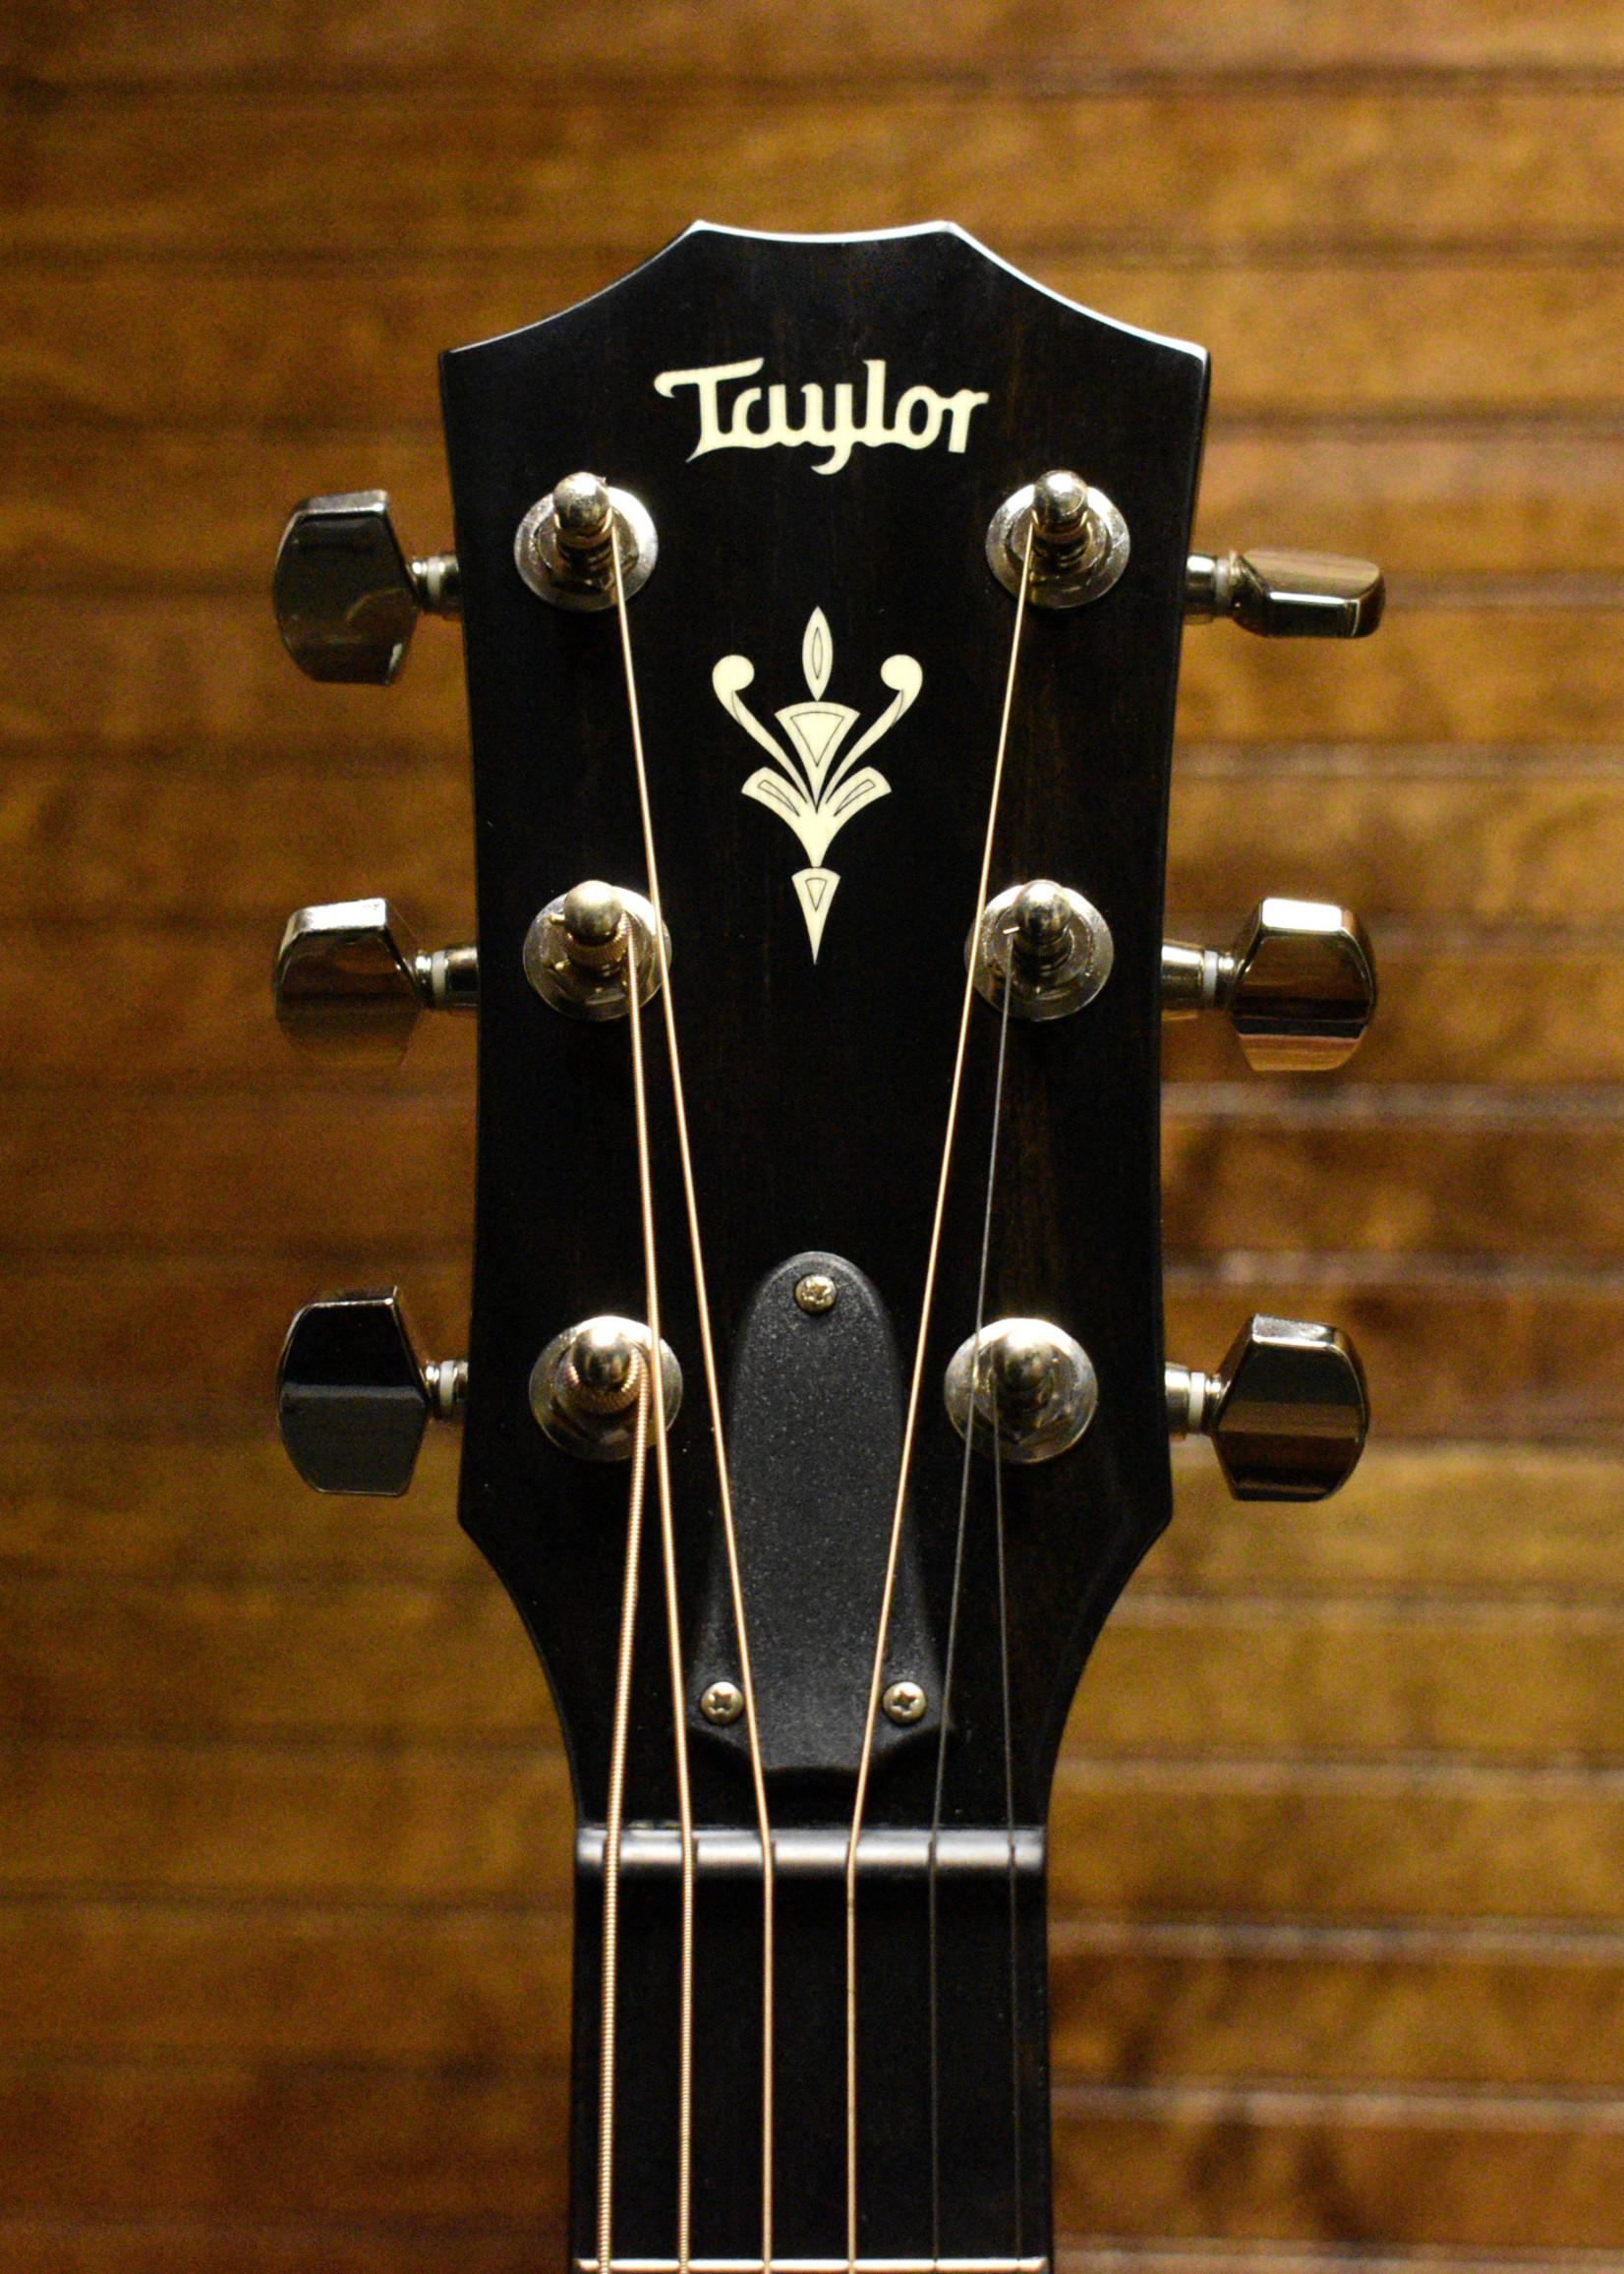 Taylor Taylor 514ce V-Class